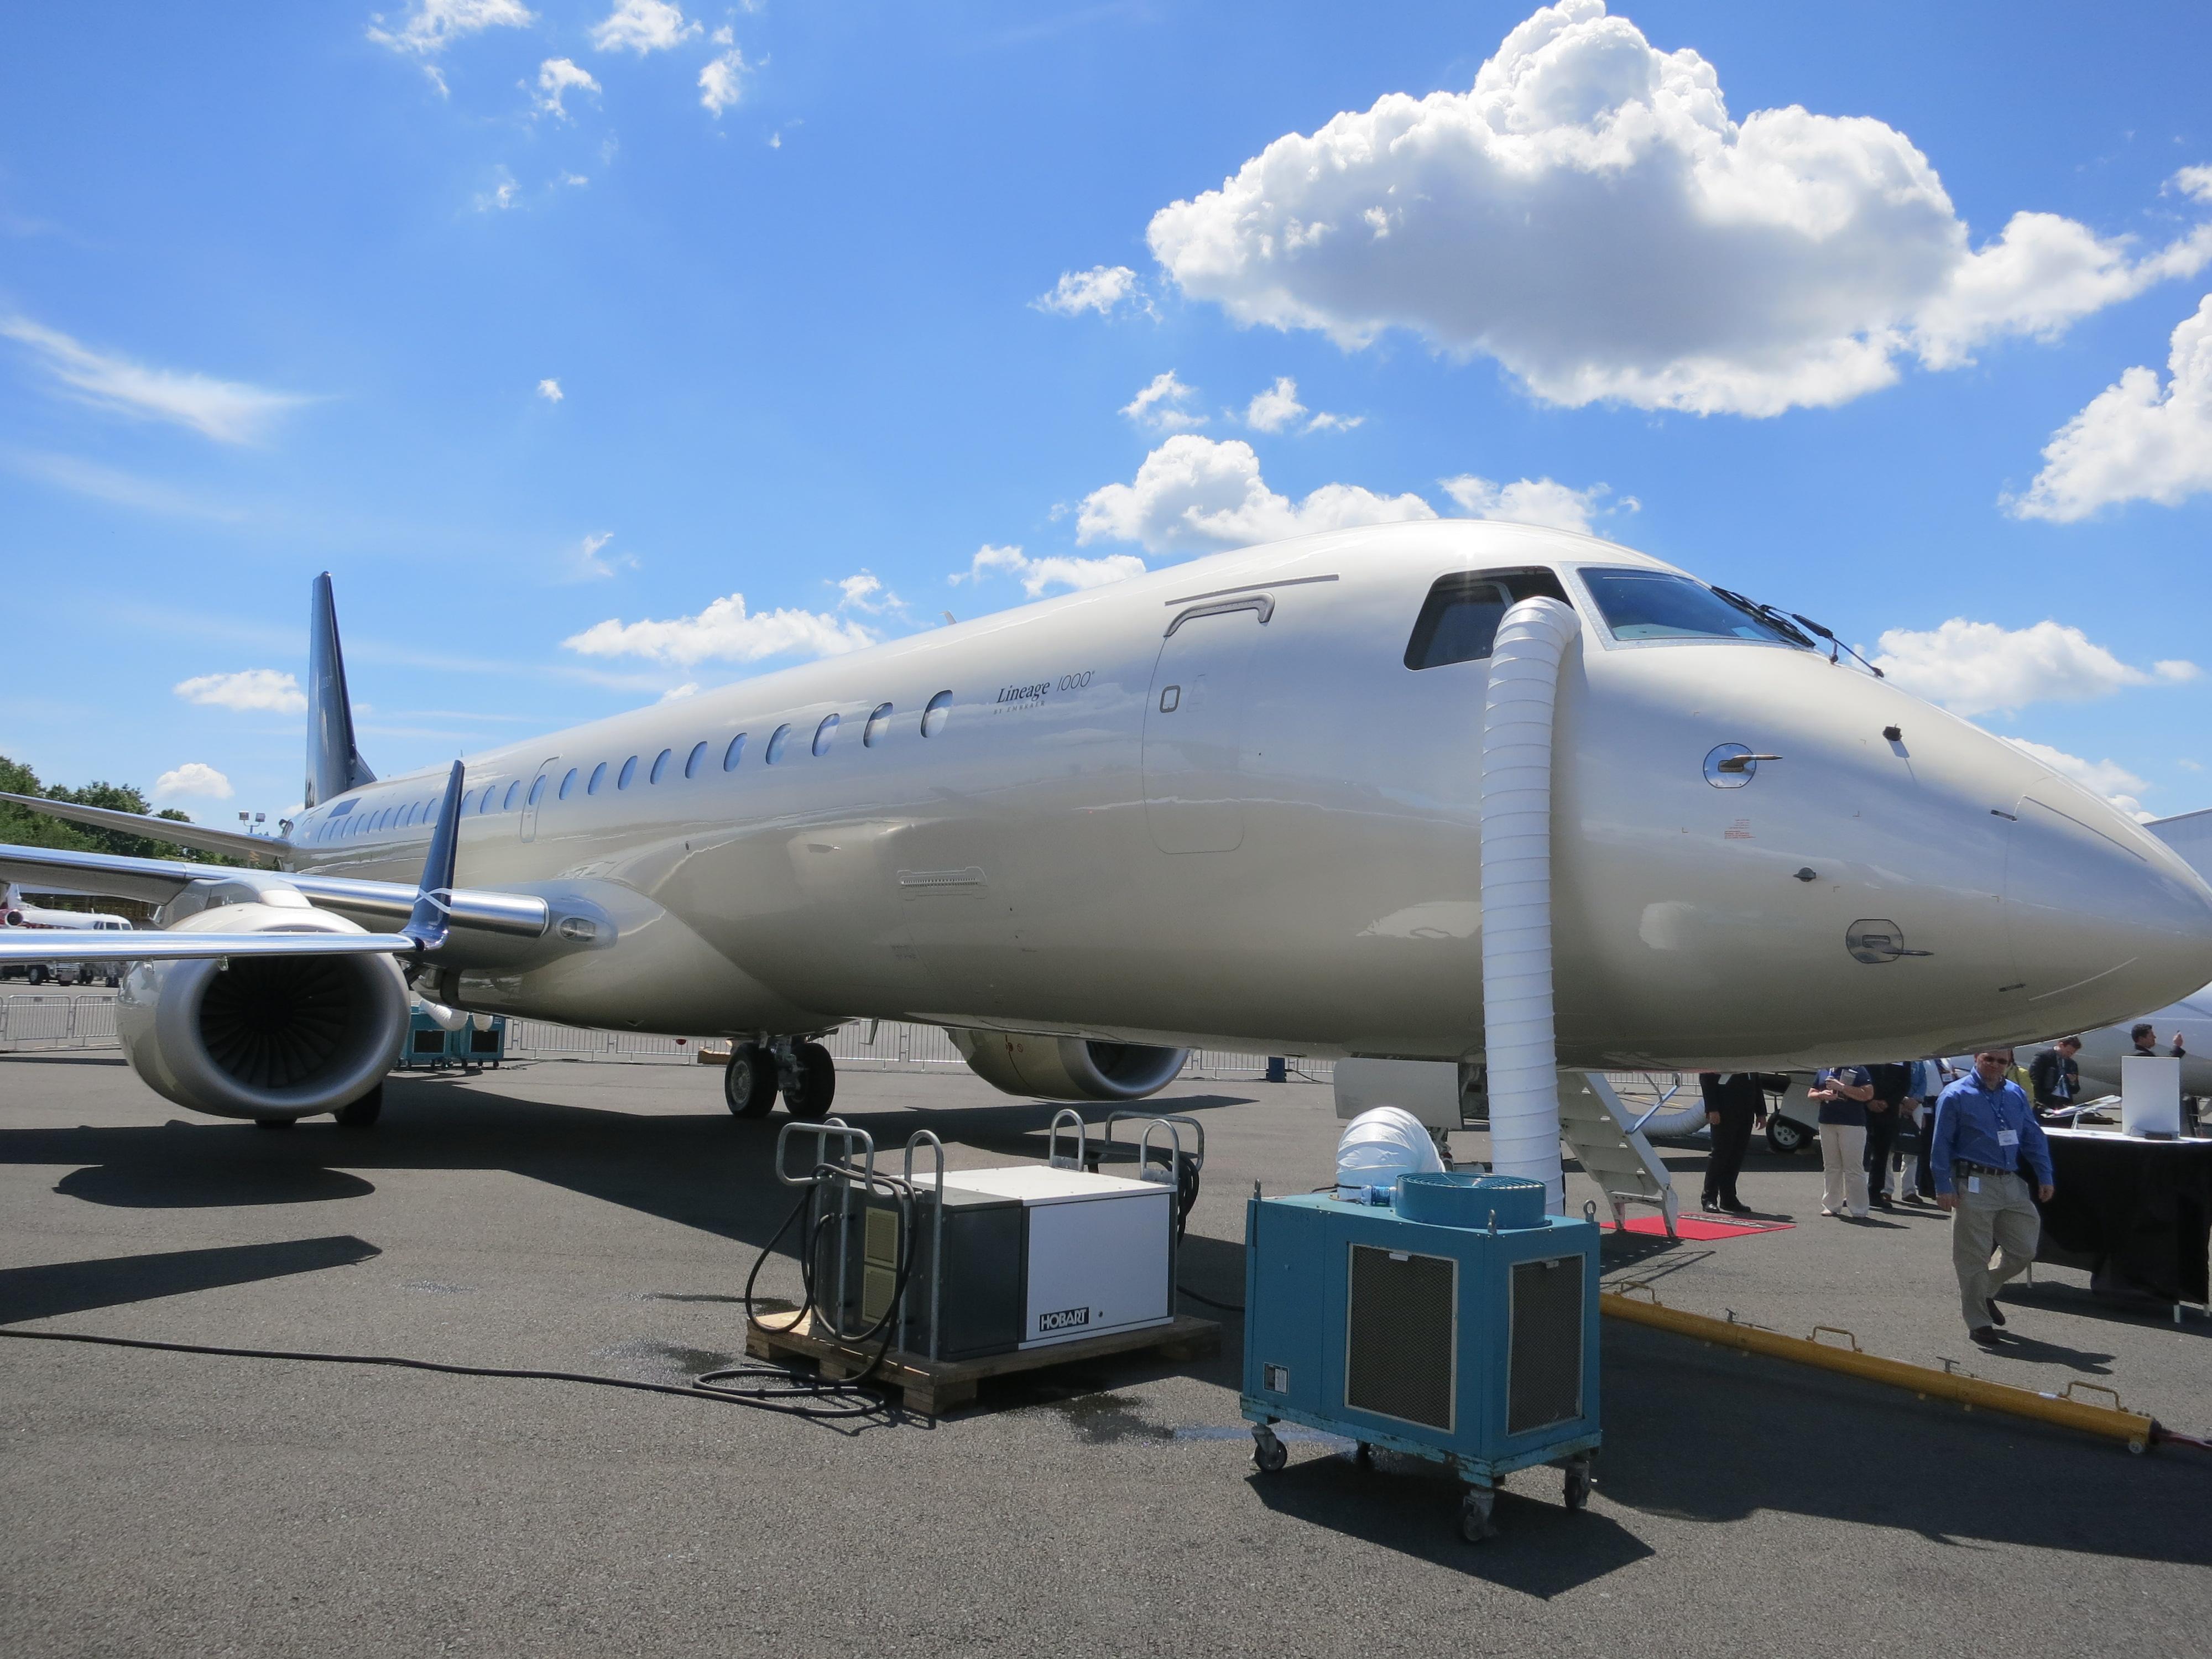 File embraer lineage 1000 interior forward cabin jpg wikimedia - Plaime 2009 Embraer Erj 190 Lineage 1000 Interior Of Embraer Lineage 1000 Aft Cabin Jpg